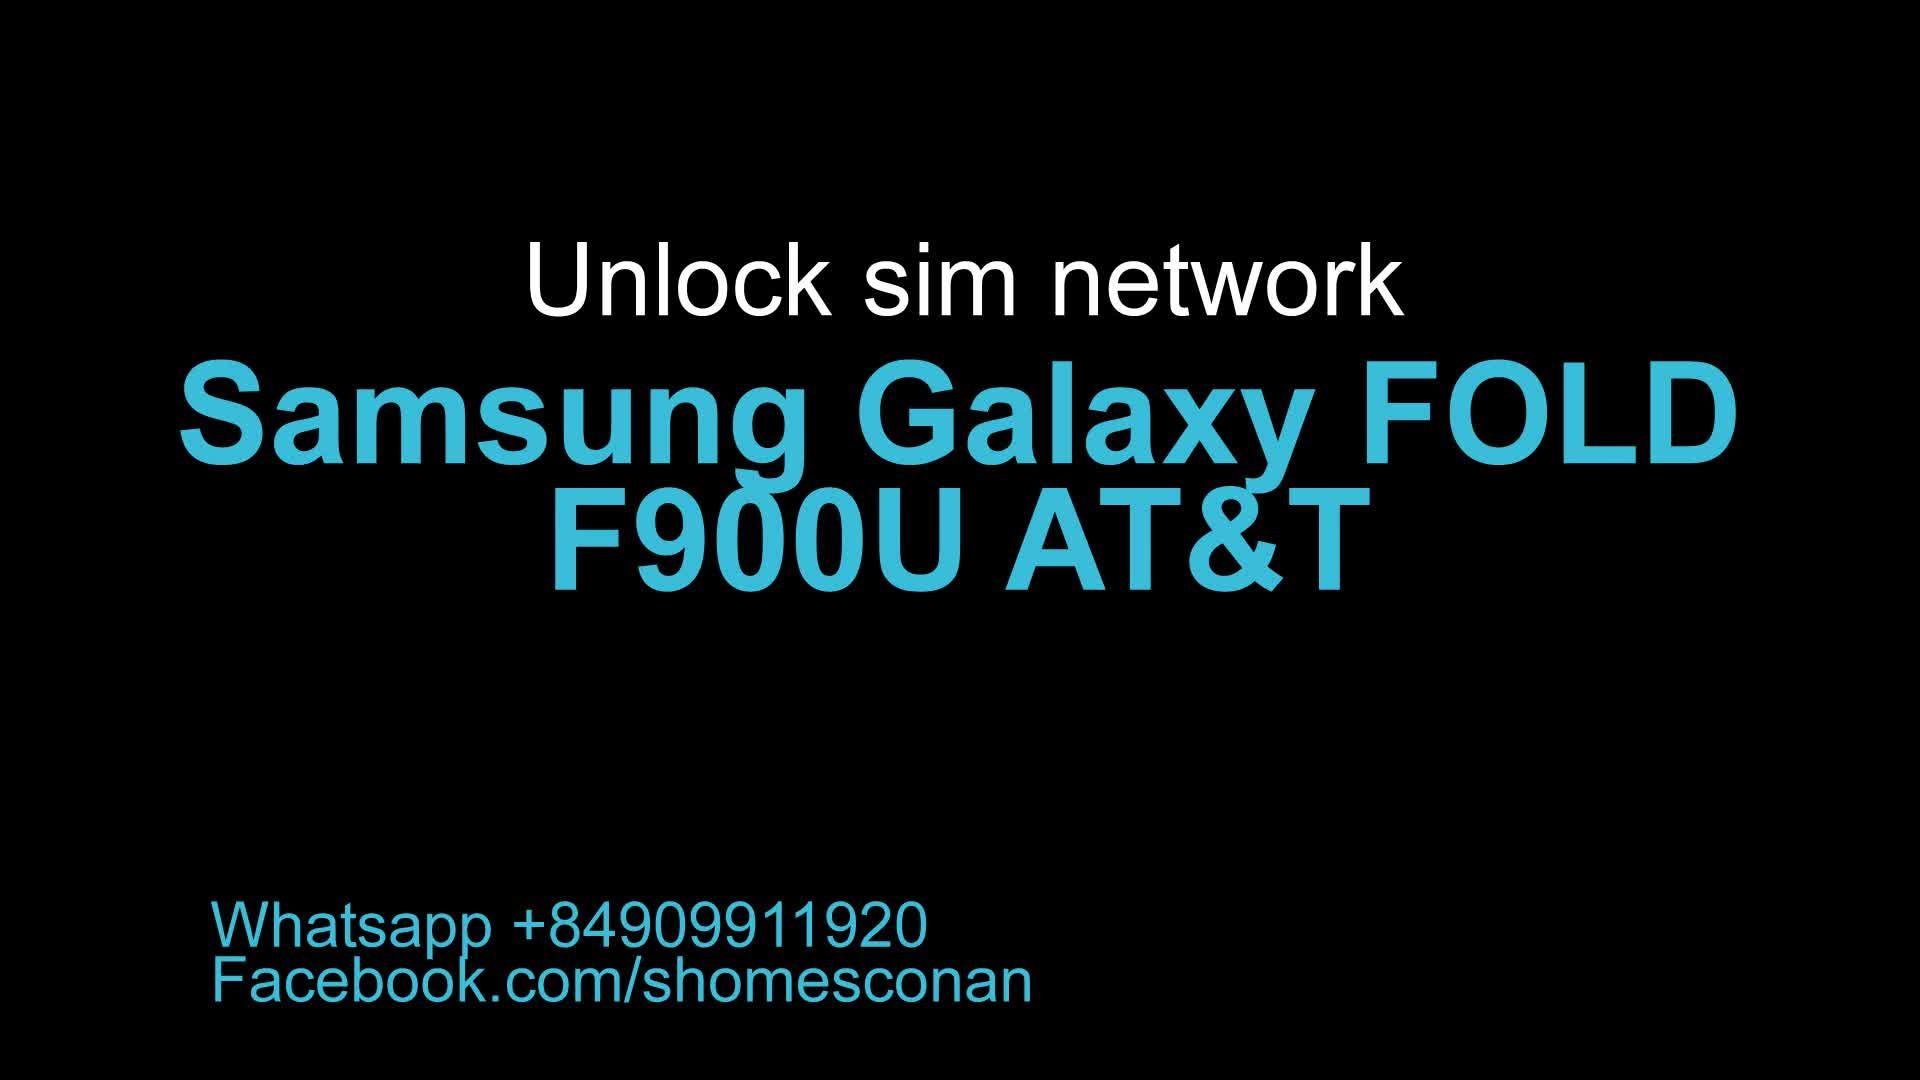 unlock samsung galaxy fold f900u at&t